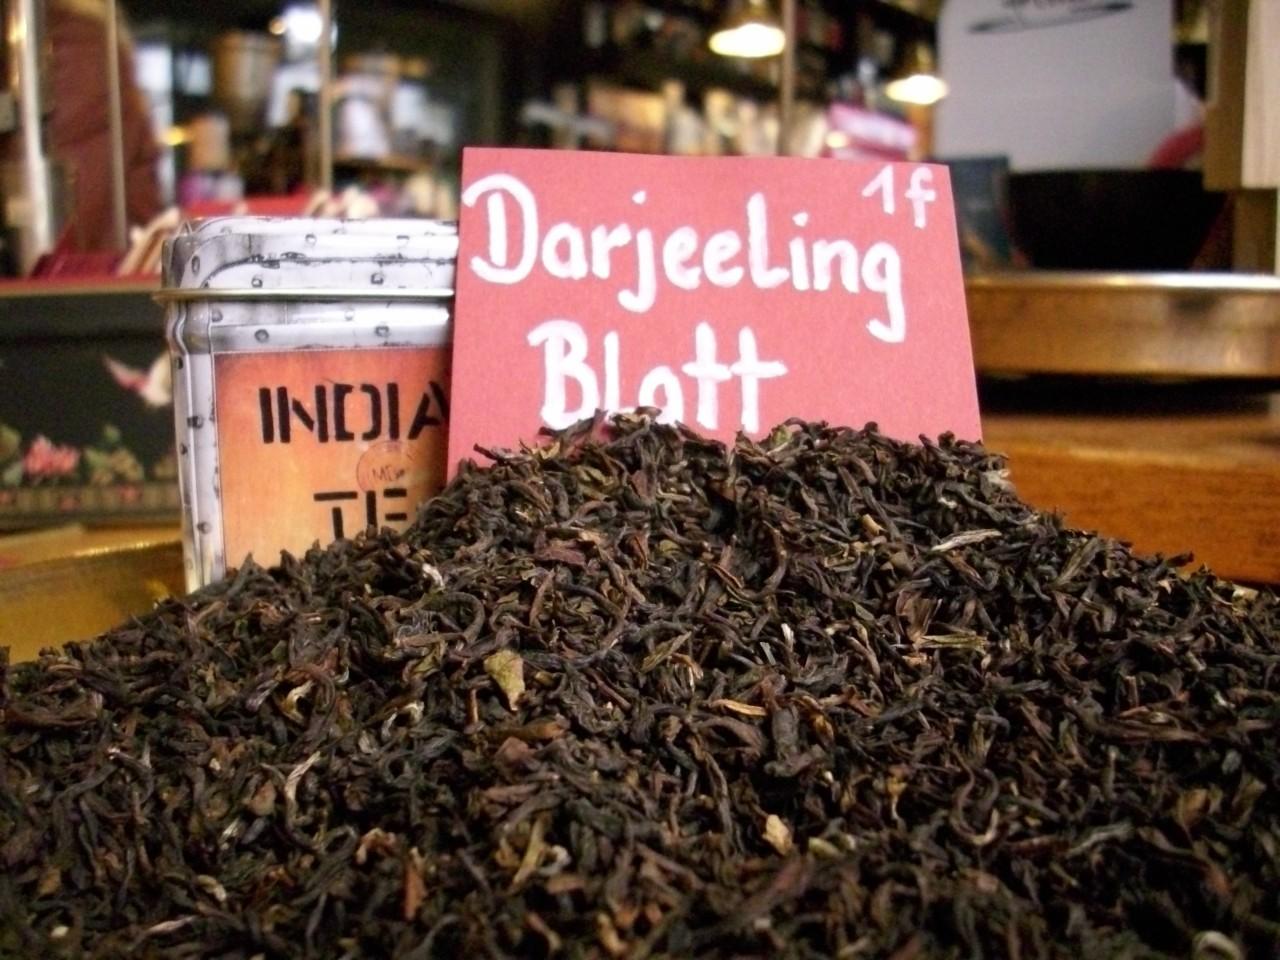 Darjeeling Blatt 1f